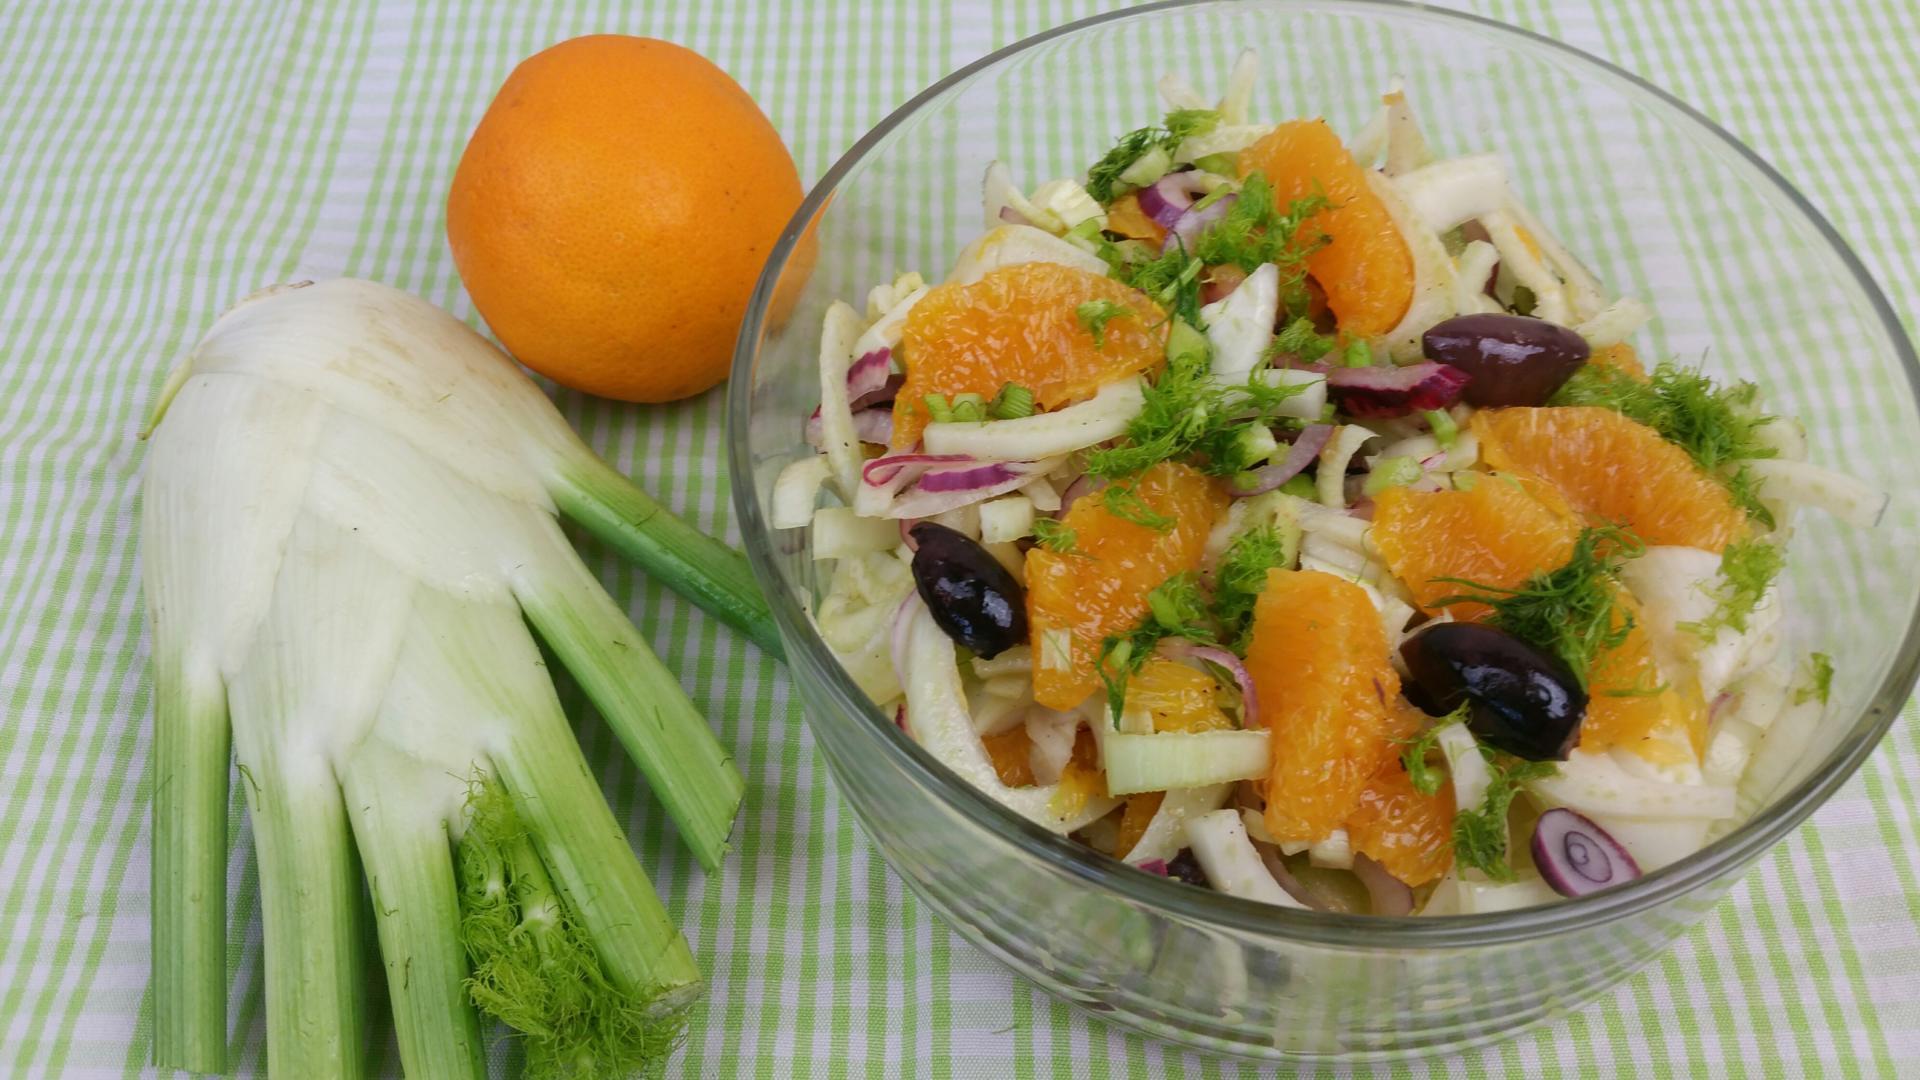 Uitgelichte foto voor het bericht Venkelsalade met sinaasappel en olijven